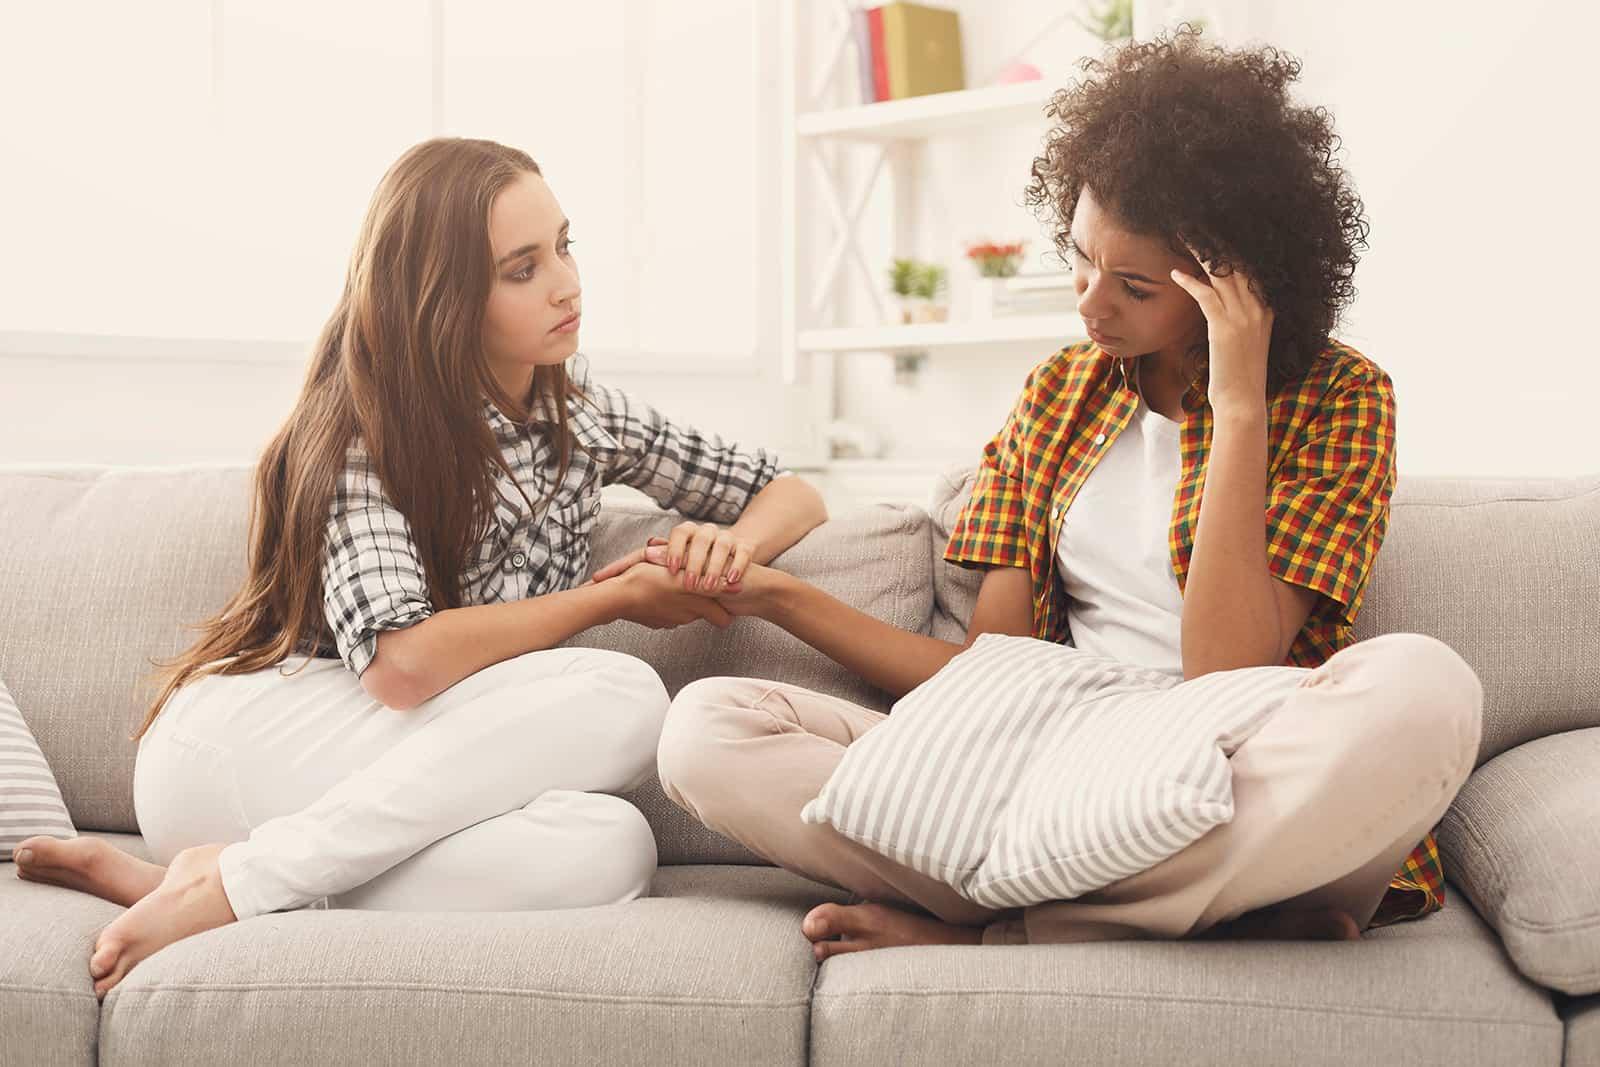 eine Frau tröstet ihre traurige Freundin, während sie zusammen auf der Couch sitzt